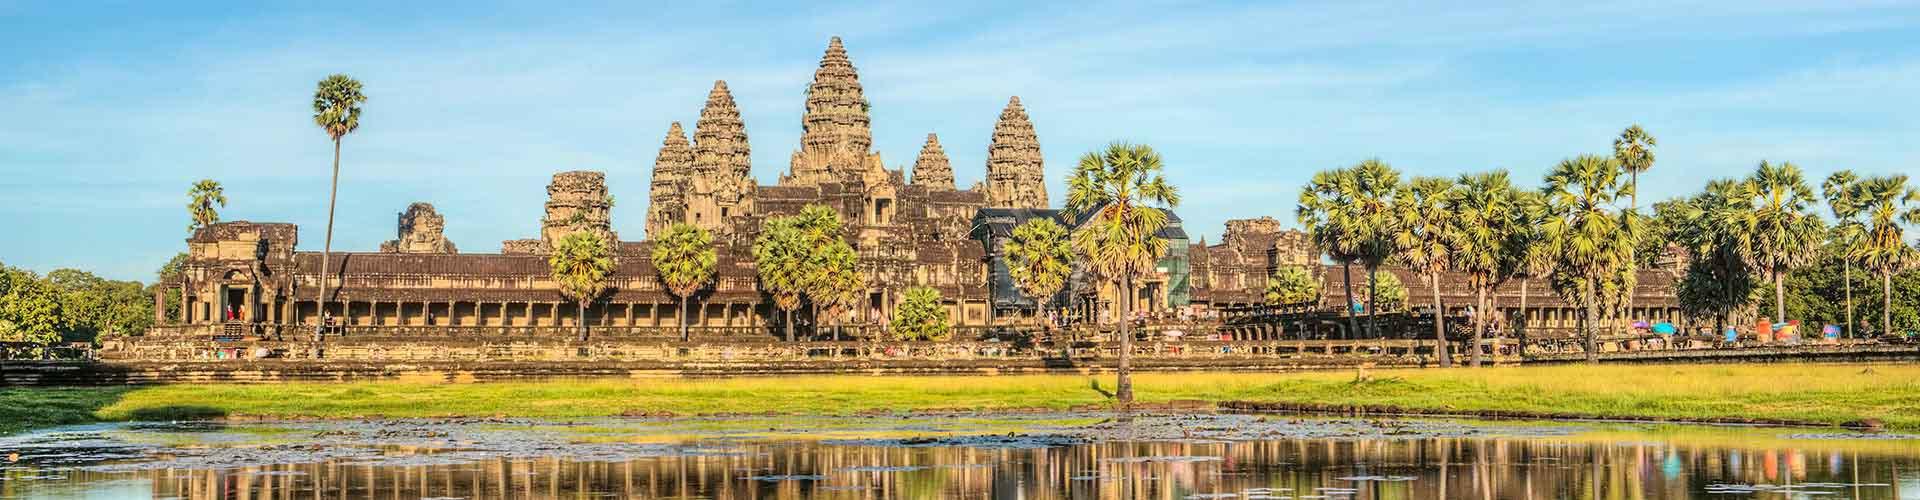 Siem Reap – Retkeily kohteessa Siem Reap. Siem Reap -karttoja, valokuvia ja arvosteluja kaikista Siem Reap -retkeilyalueista.